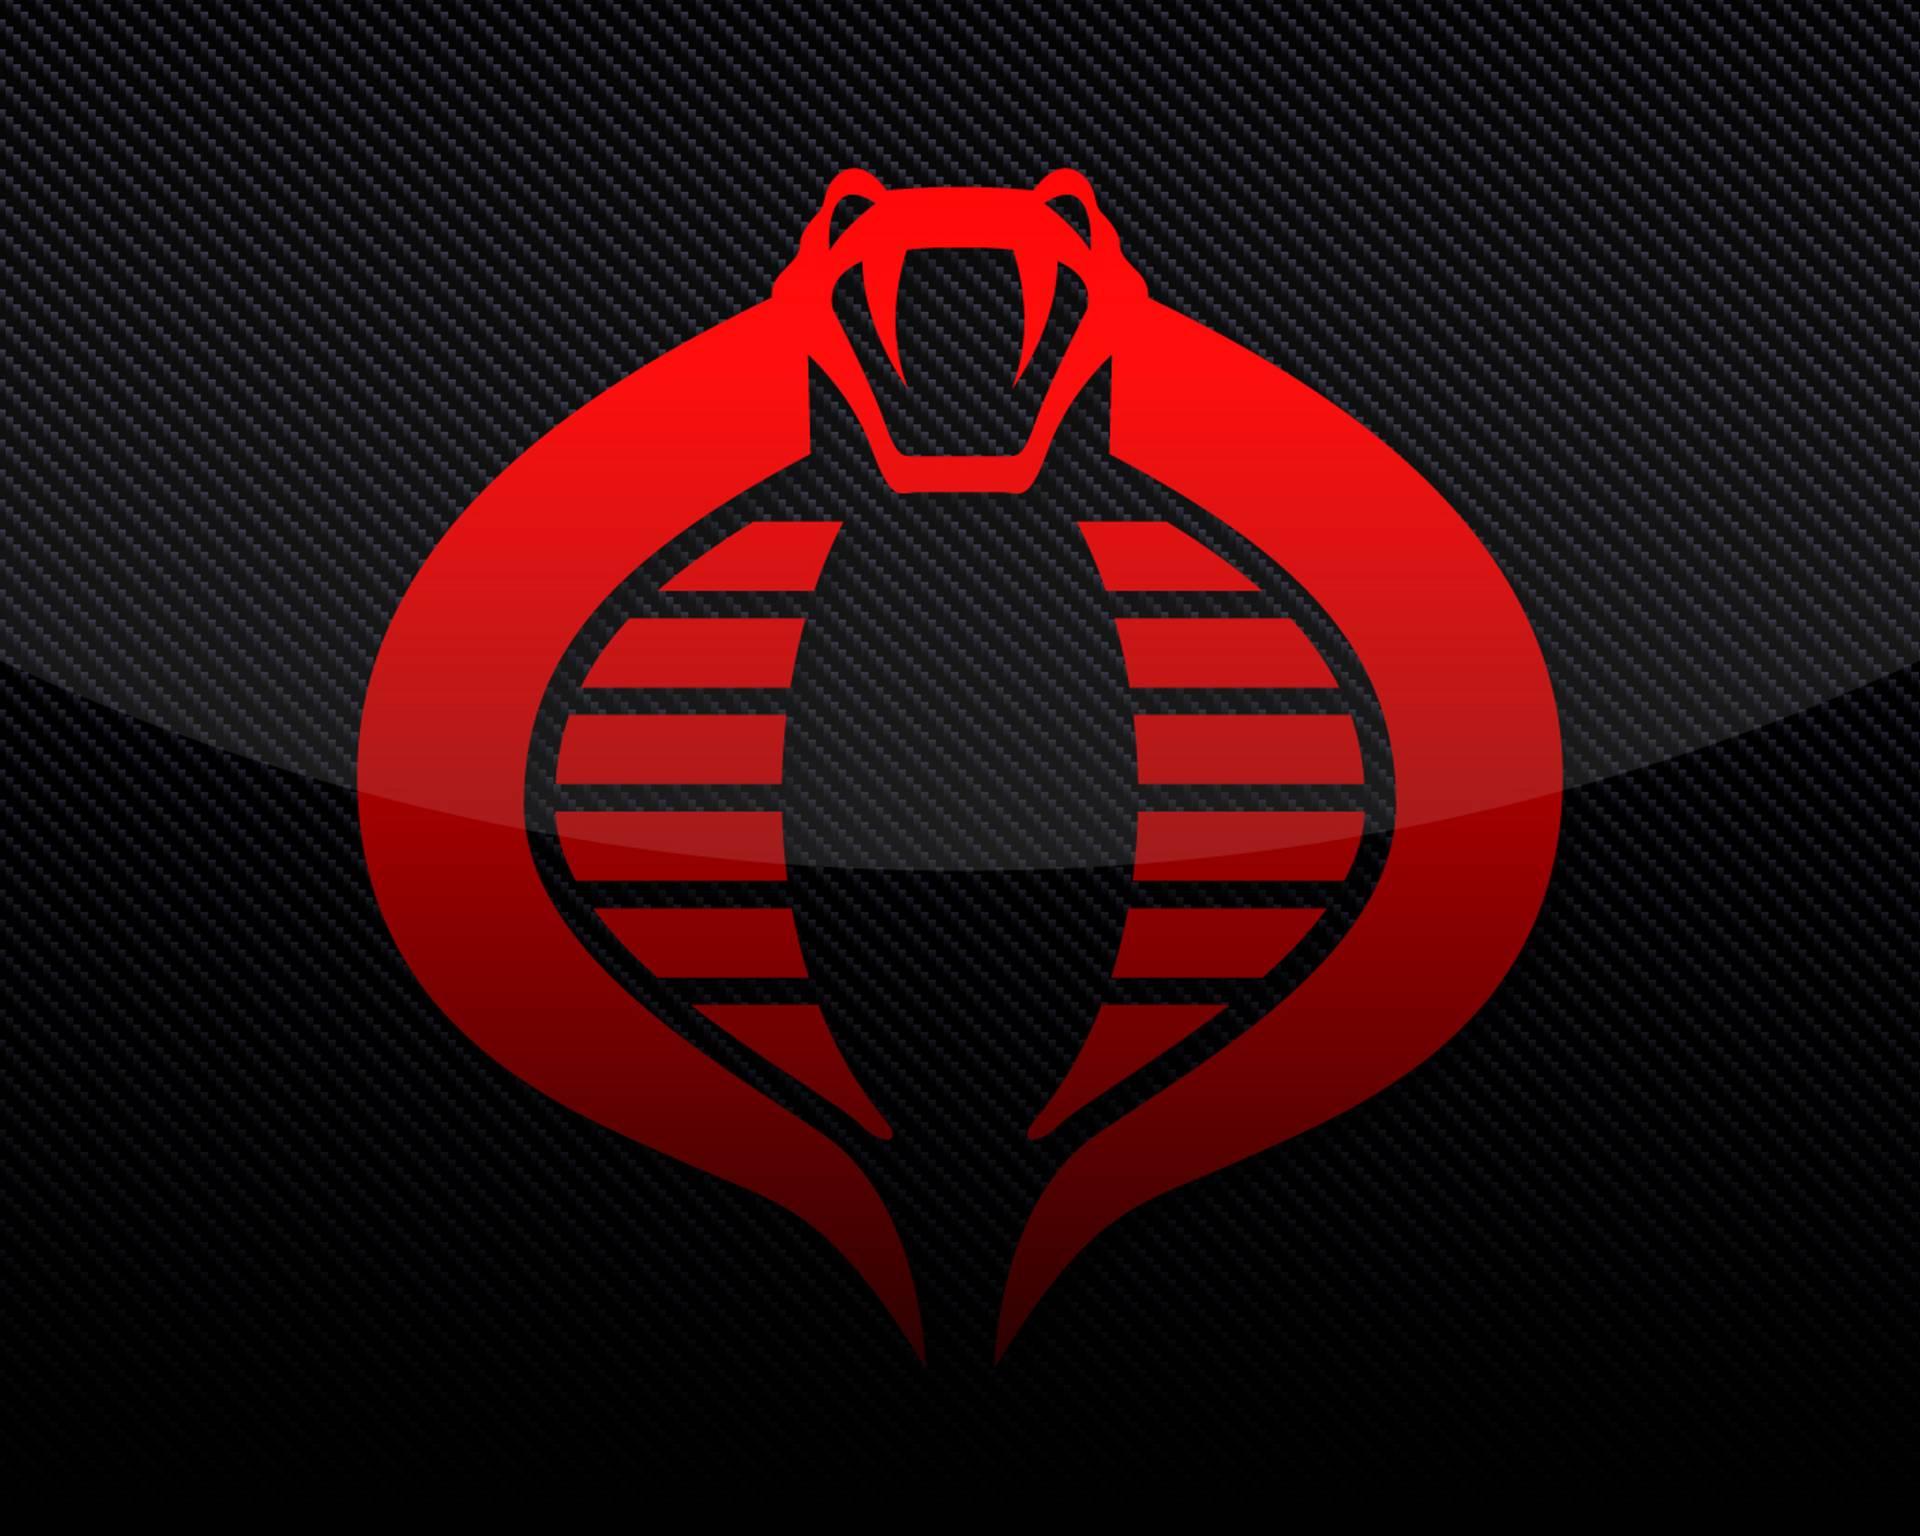 download Download Cobra Commander Wallpaper 1680x1050 1920x1536